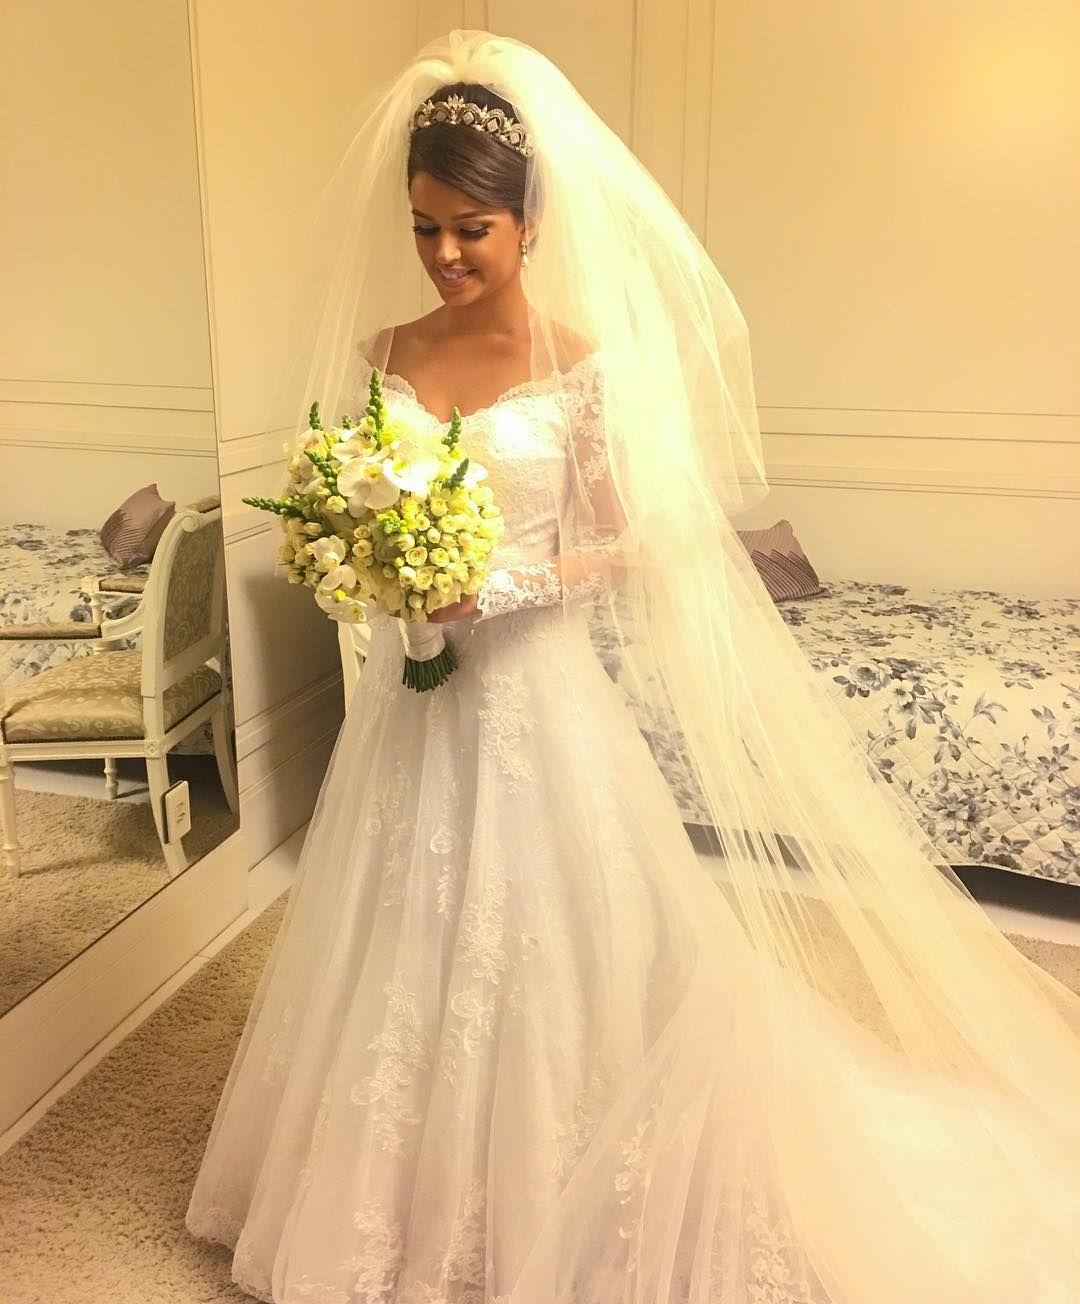 Off the shoulder v neck lace wedding dress ღ wedding dress